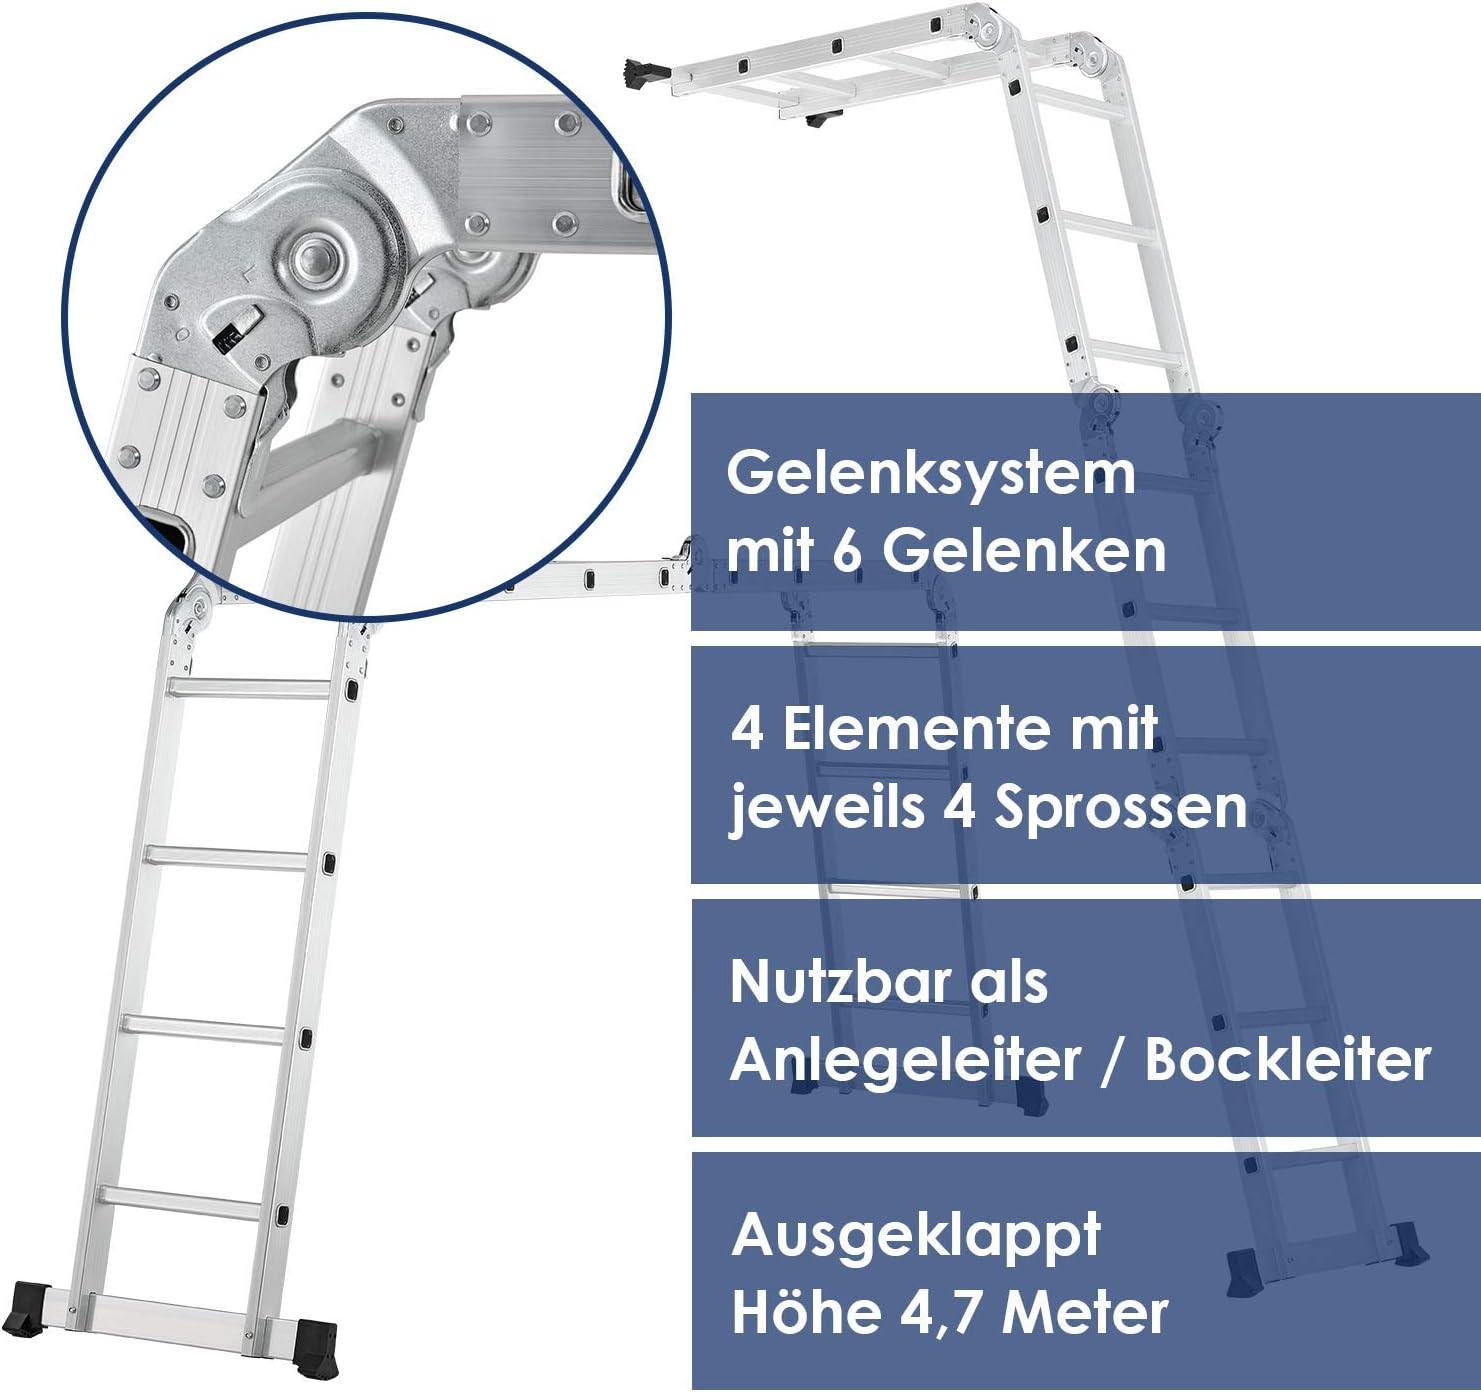 4,7M Aluleiter Mehrzweckleiter 4 x 4 Sprossen Ger/üstleiter Kombileiter Anlegeleiter mit Einer Ger/üstplatten Anlegeleiter Klappleiter Haushaltsleiter Arbeitsleiter bis 150kg belastbar